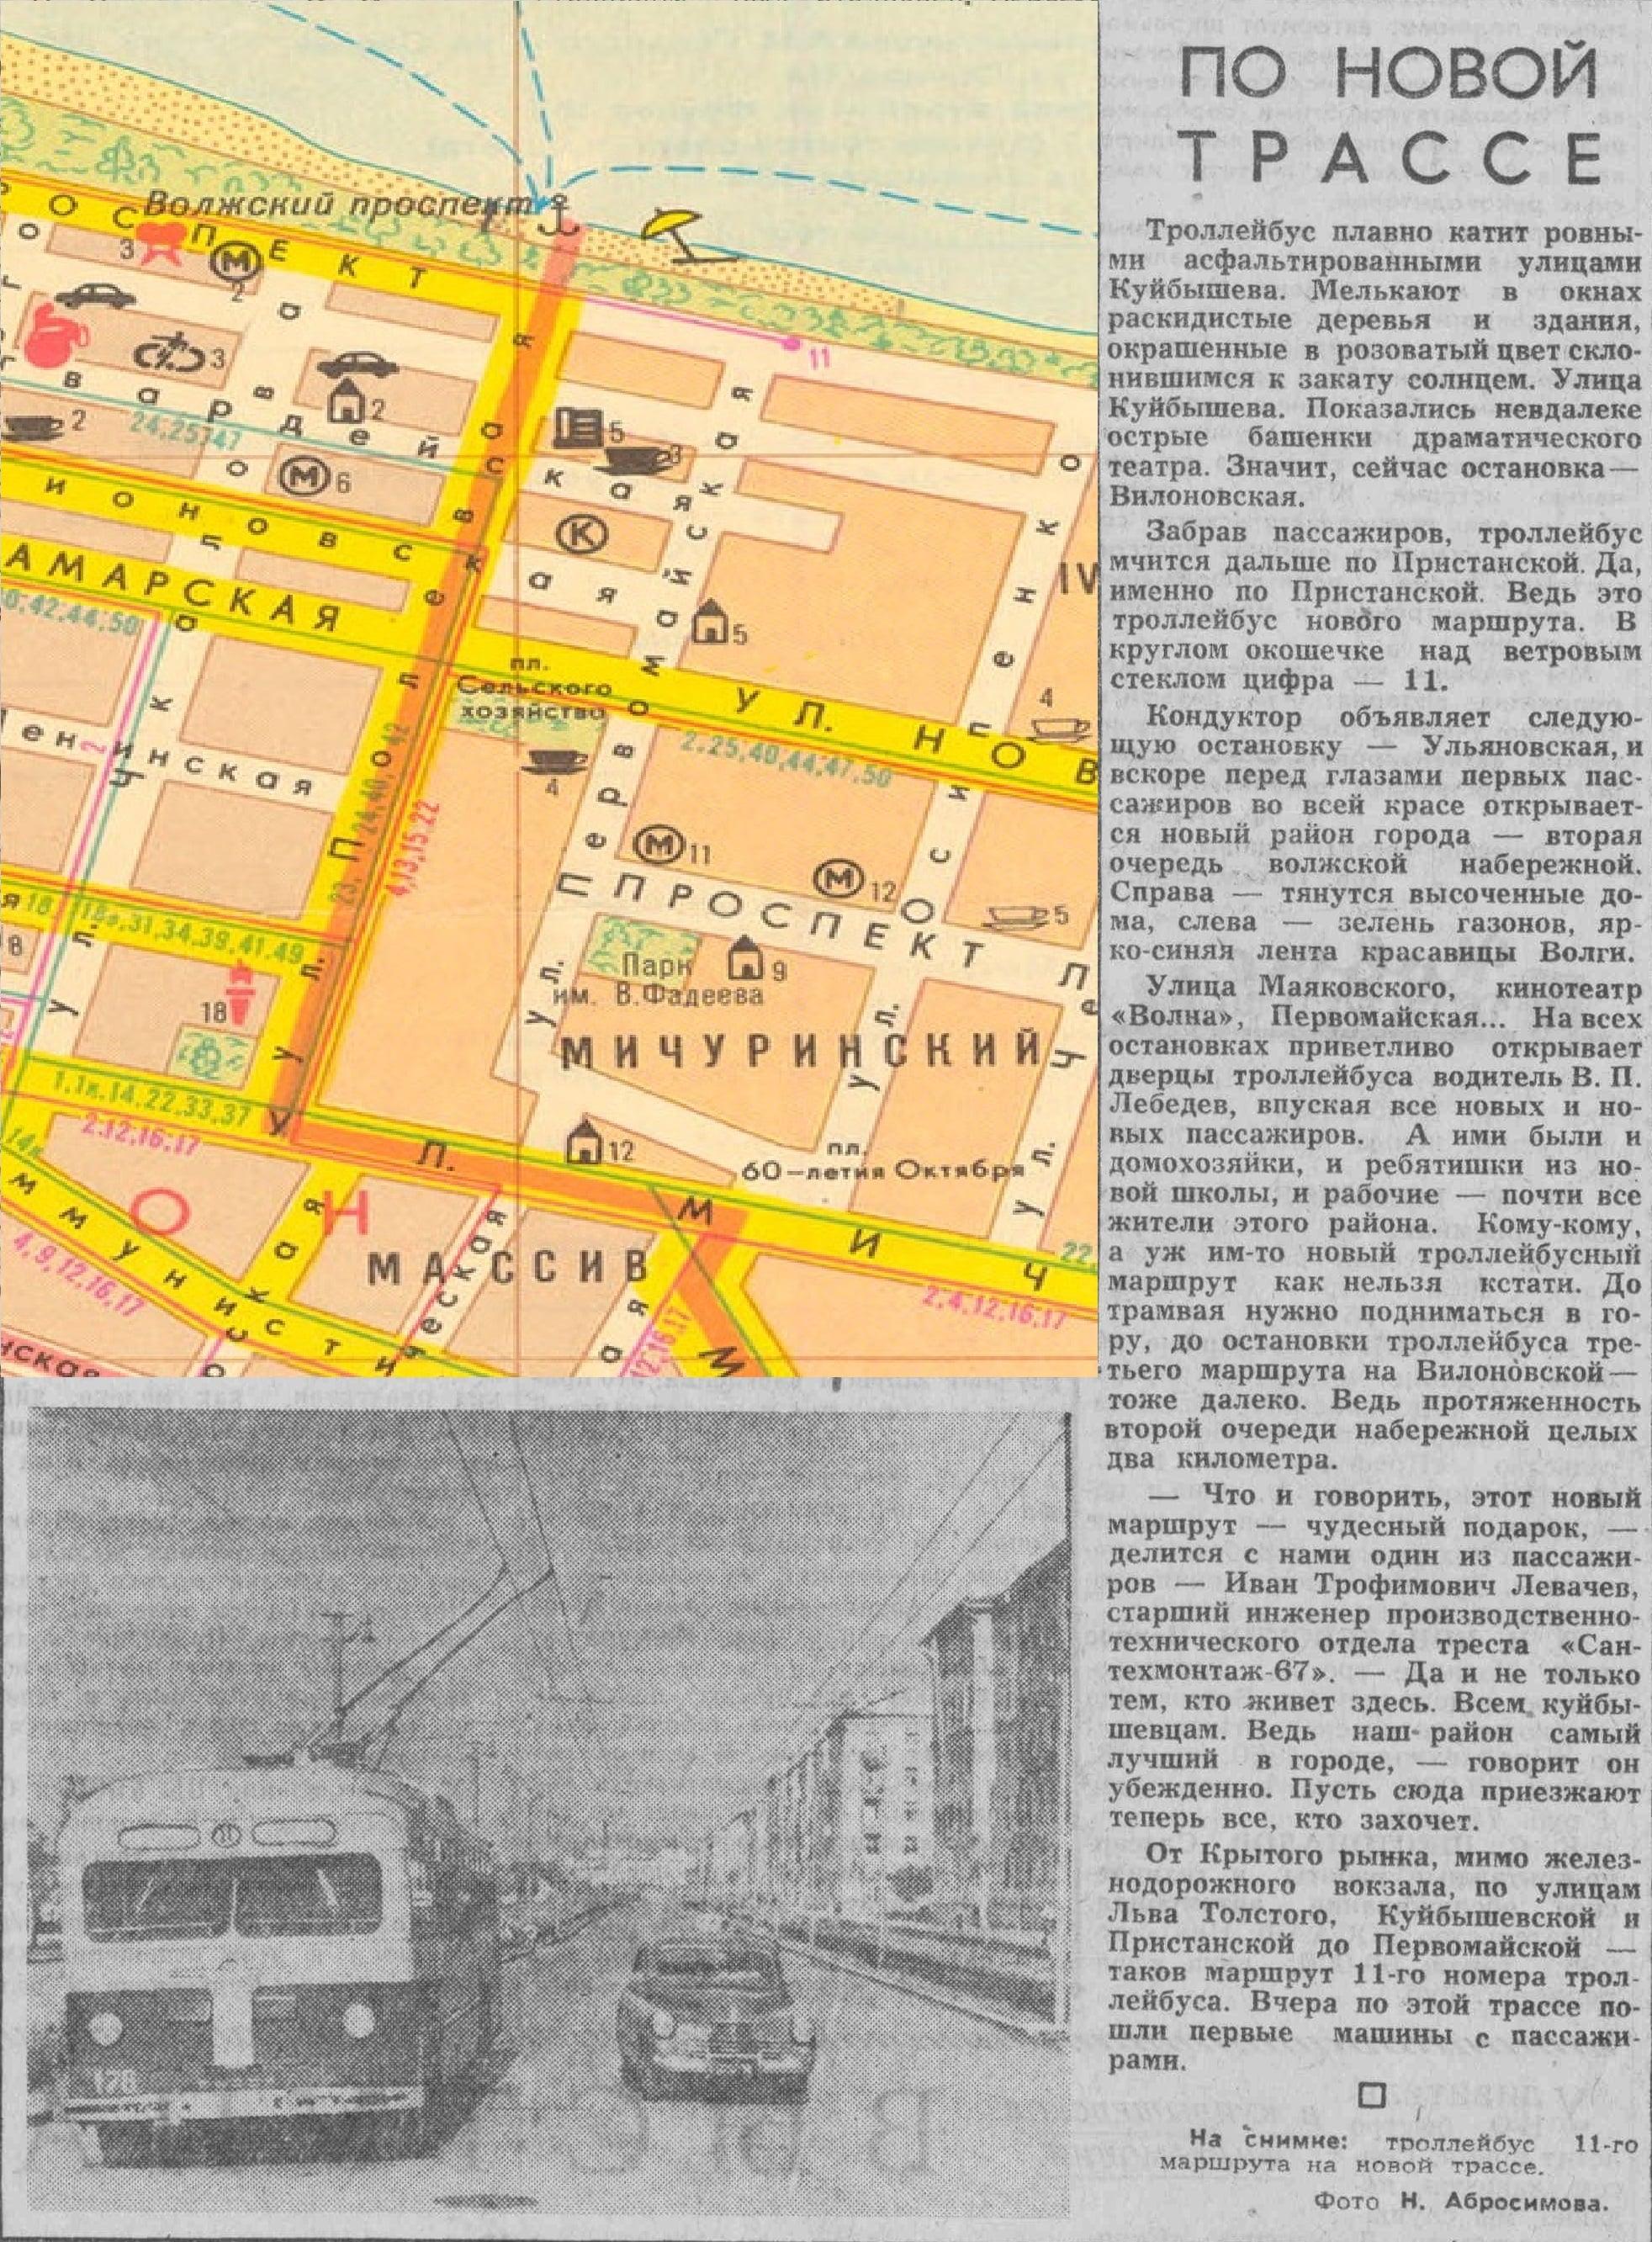 Первомайская-ФОТО-21-ВКа-1960-09-07-открытие троллейбуса 11-min